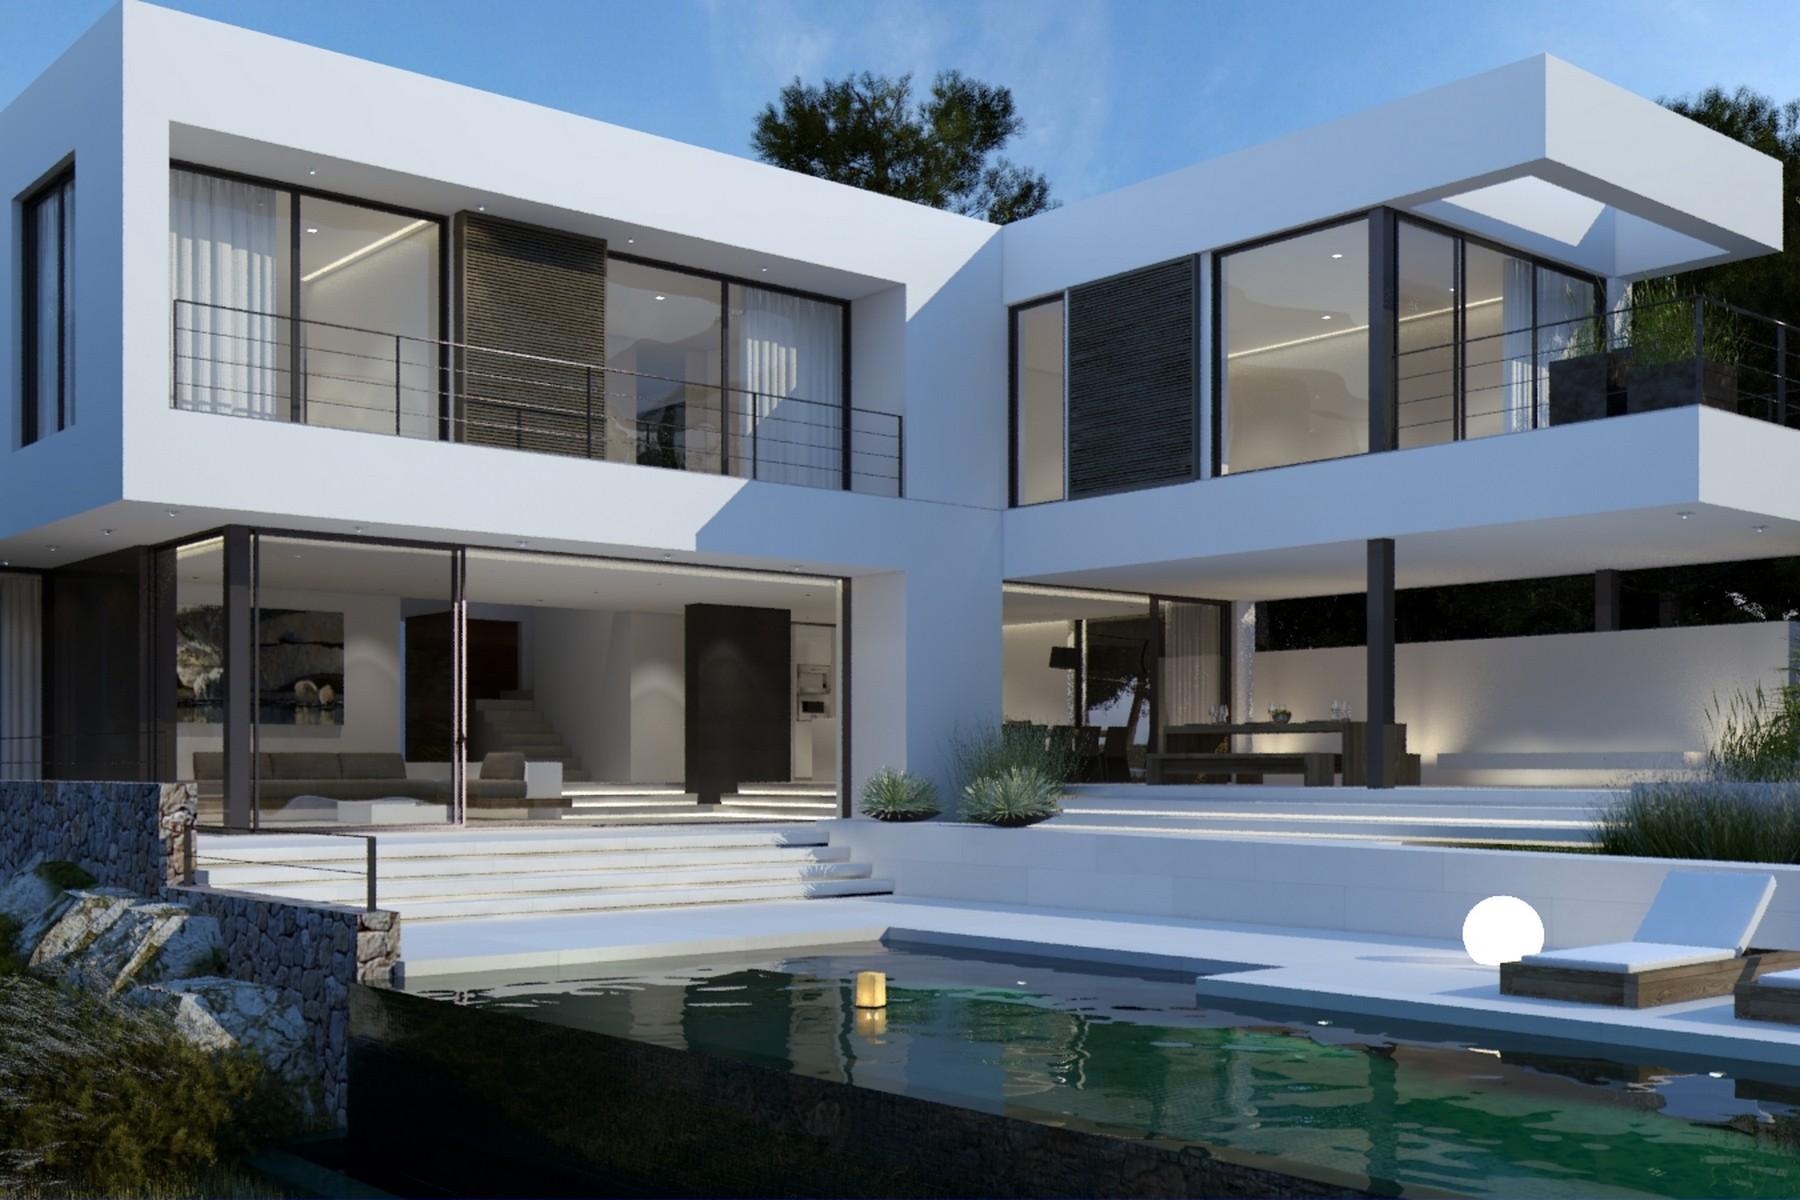 独户住宅 为 销售 在 New build modern villa in Santa Ponsa 圣庞沙, 马洛卡, 01780 西班牙